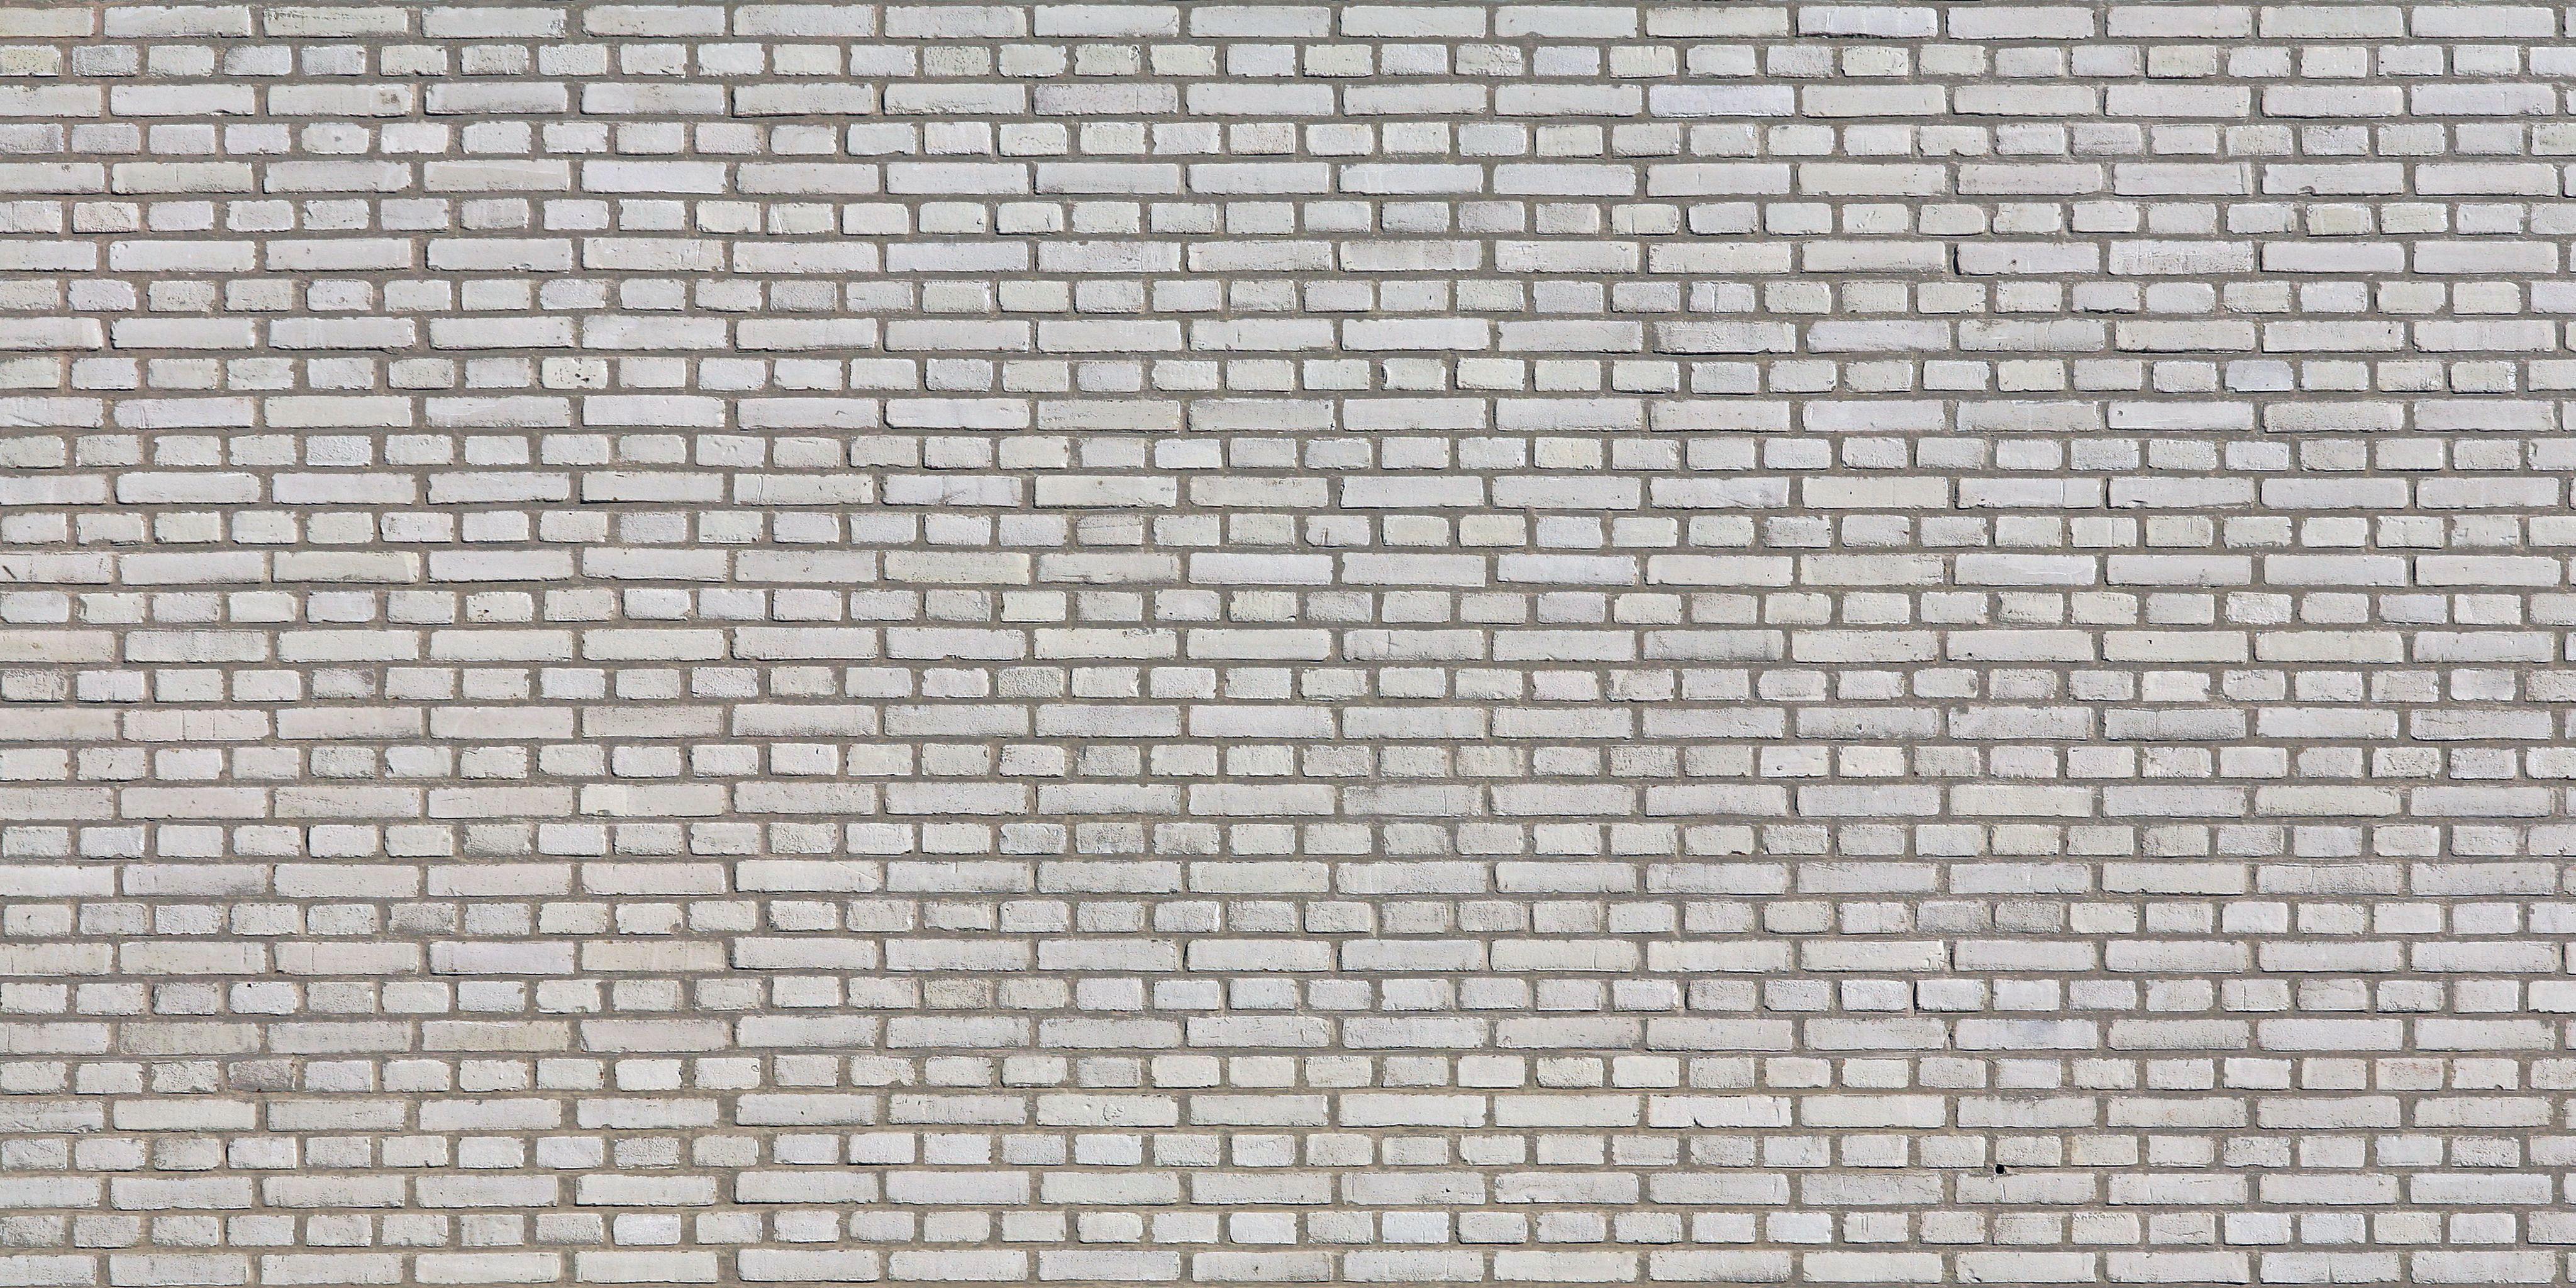 Белая кирпичная стена, текстура, фото, обои